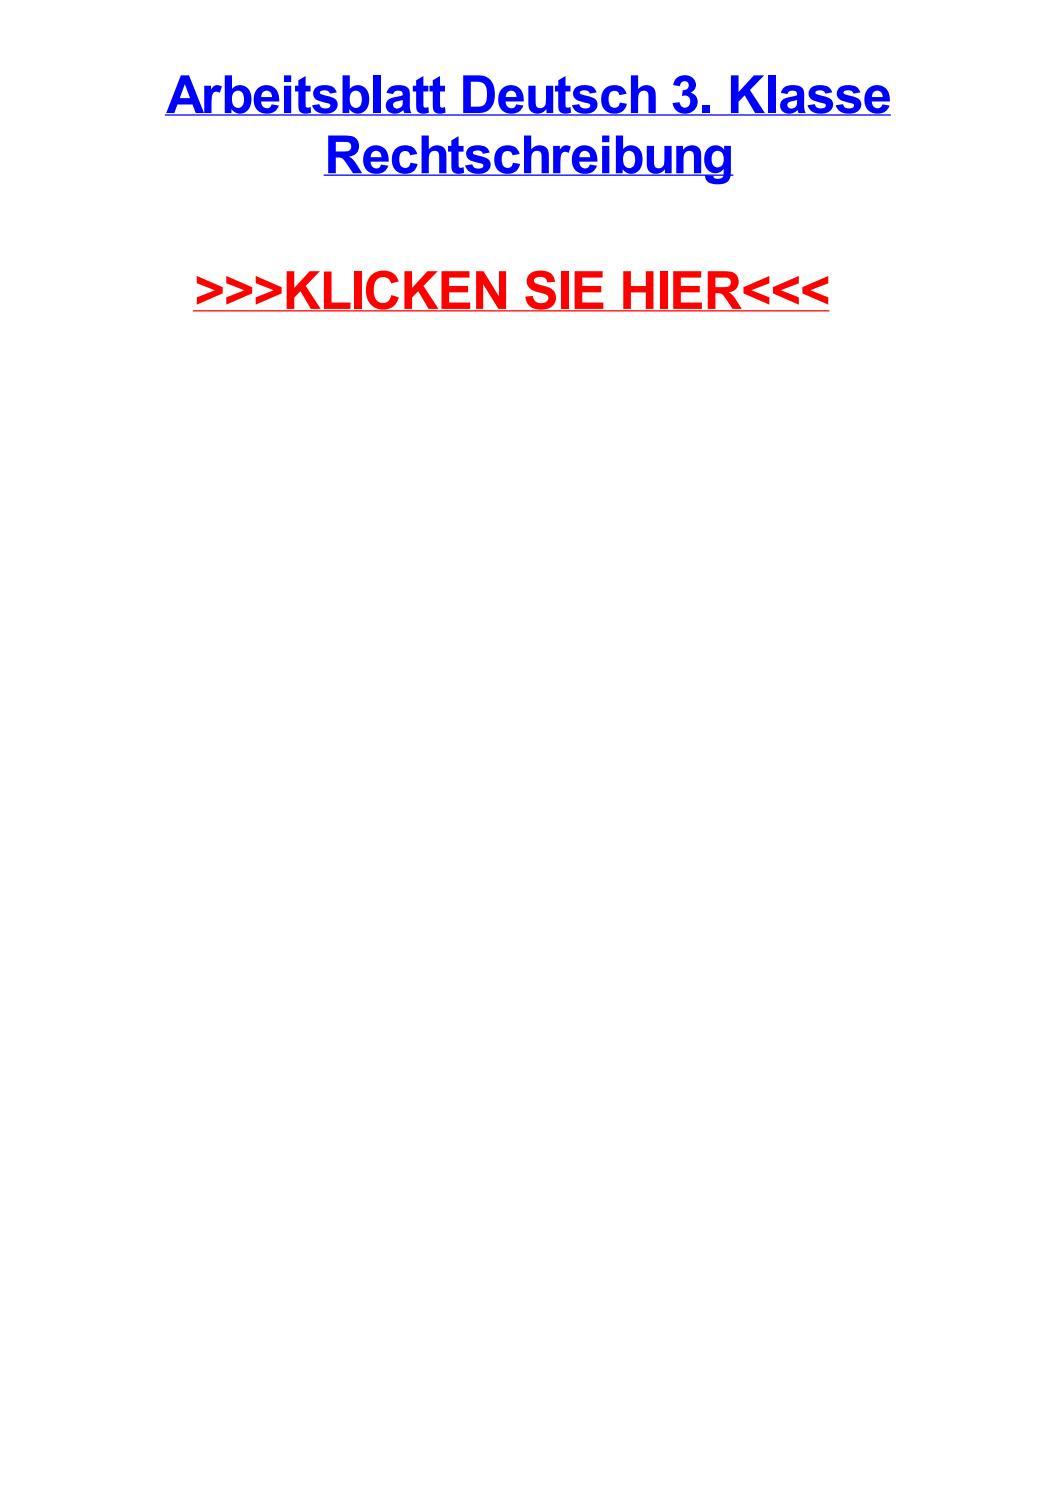 Arbeitsblatt deutsch 3 klasse rechtschreibung by ritaztxjp - issuu